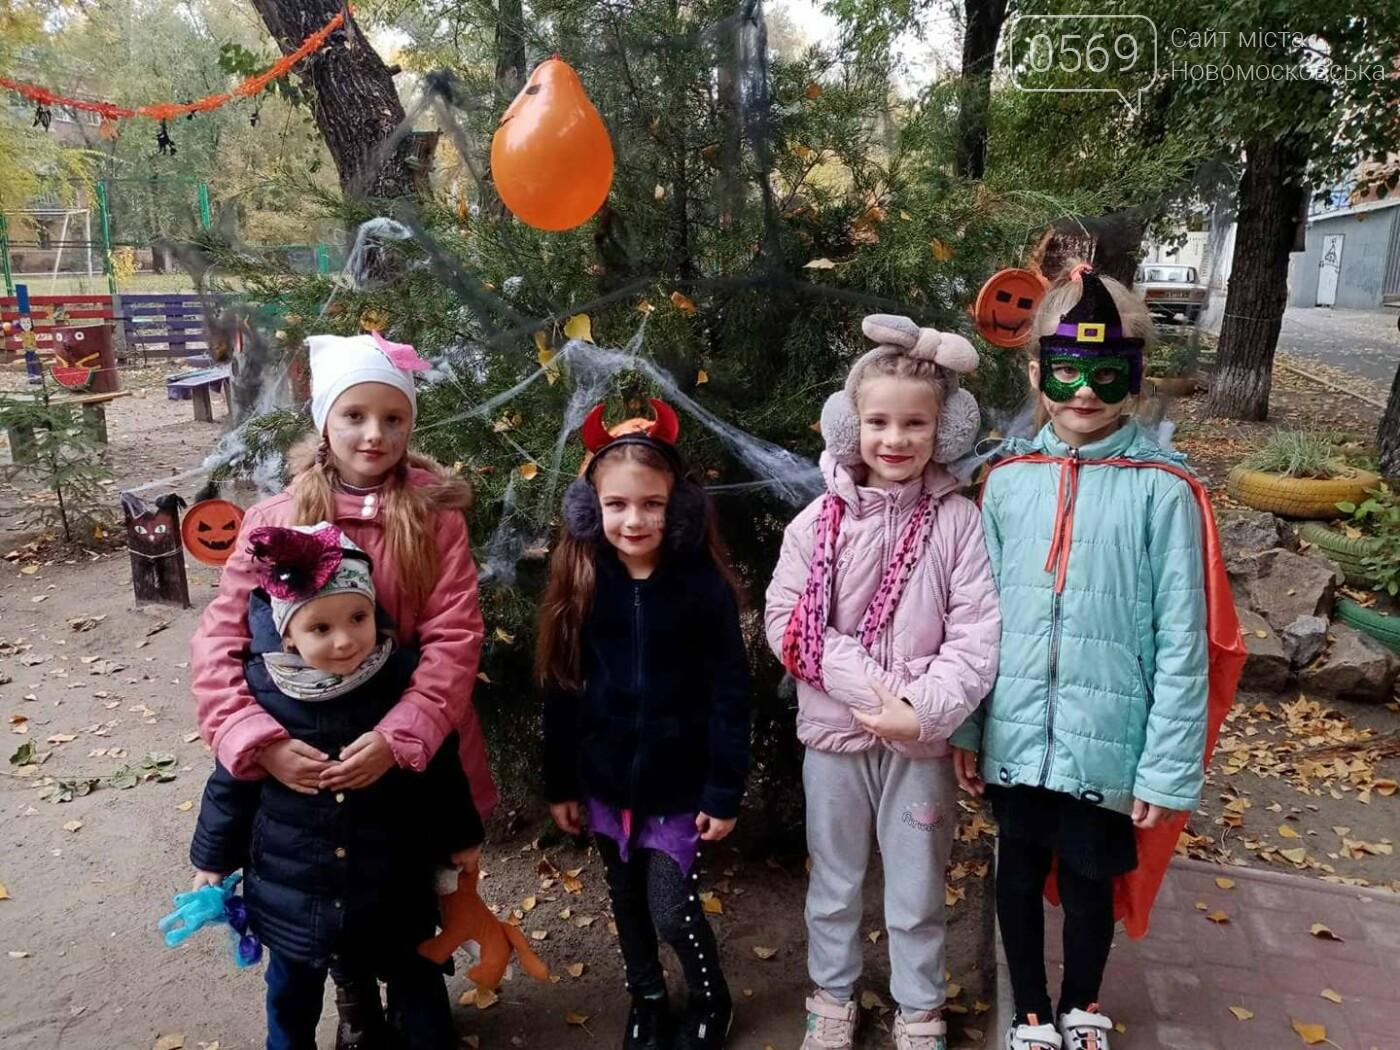 Мешканці одного з будинків центру Новомосковська влаштували у своєму дворику свято Хелловін: ФОТО, фото-2